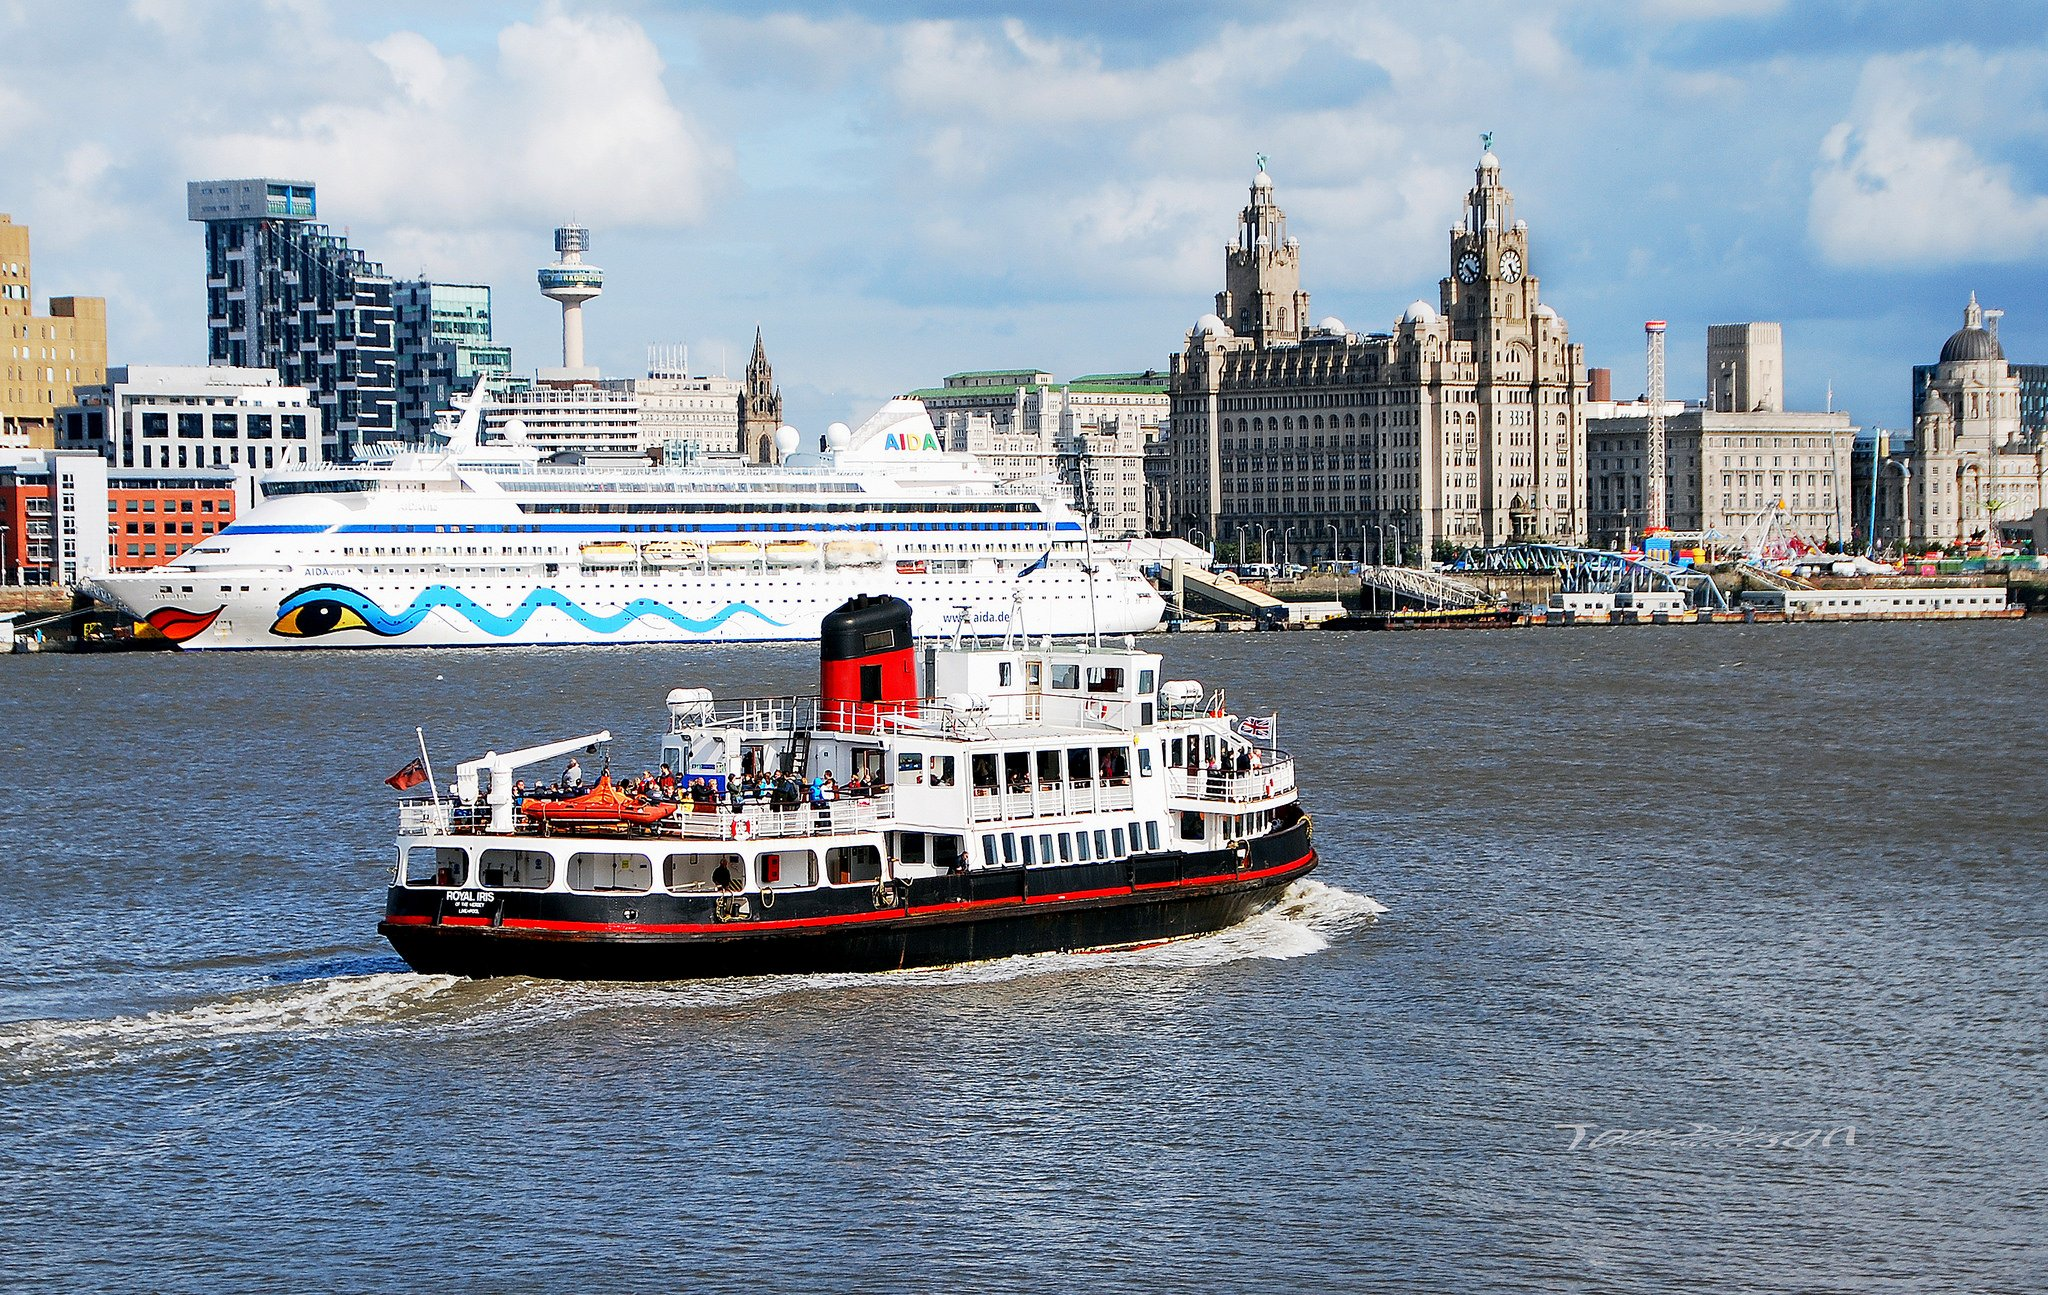 Mersey Cruise